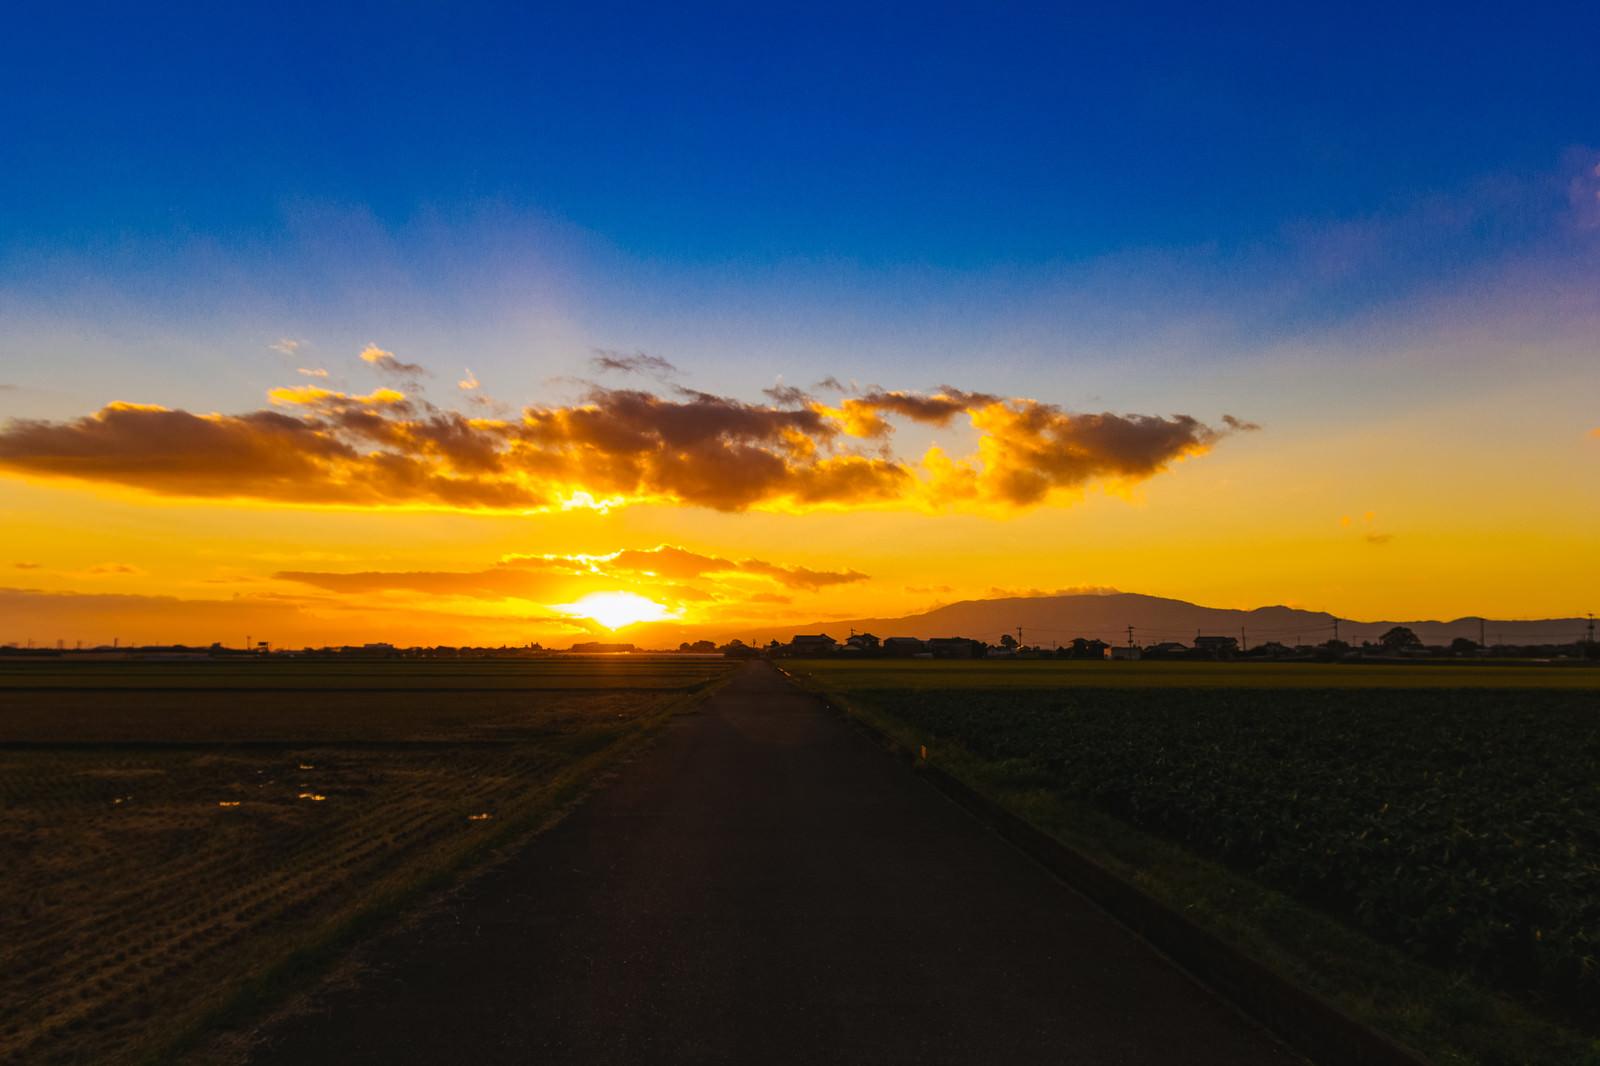 「大刀洗の夕暮れ(夕陽)」の写真